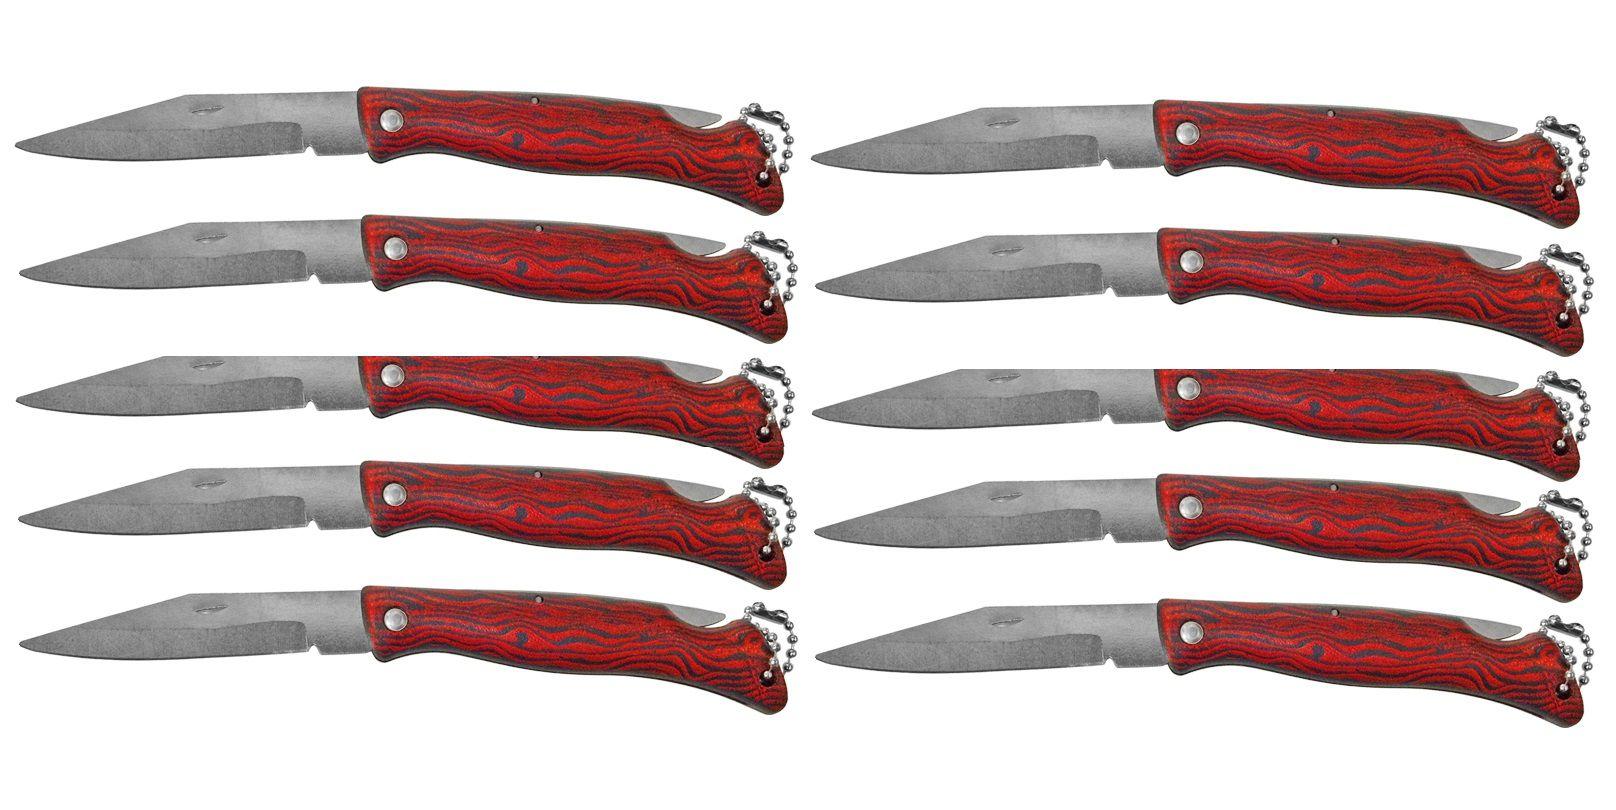 Kit 20 Canivetes Xingu XV2845 - Cabo Amadeirado